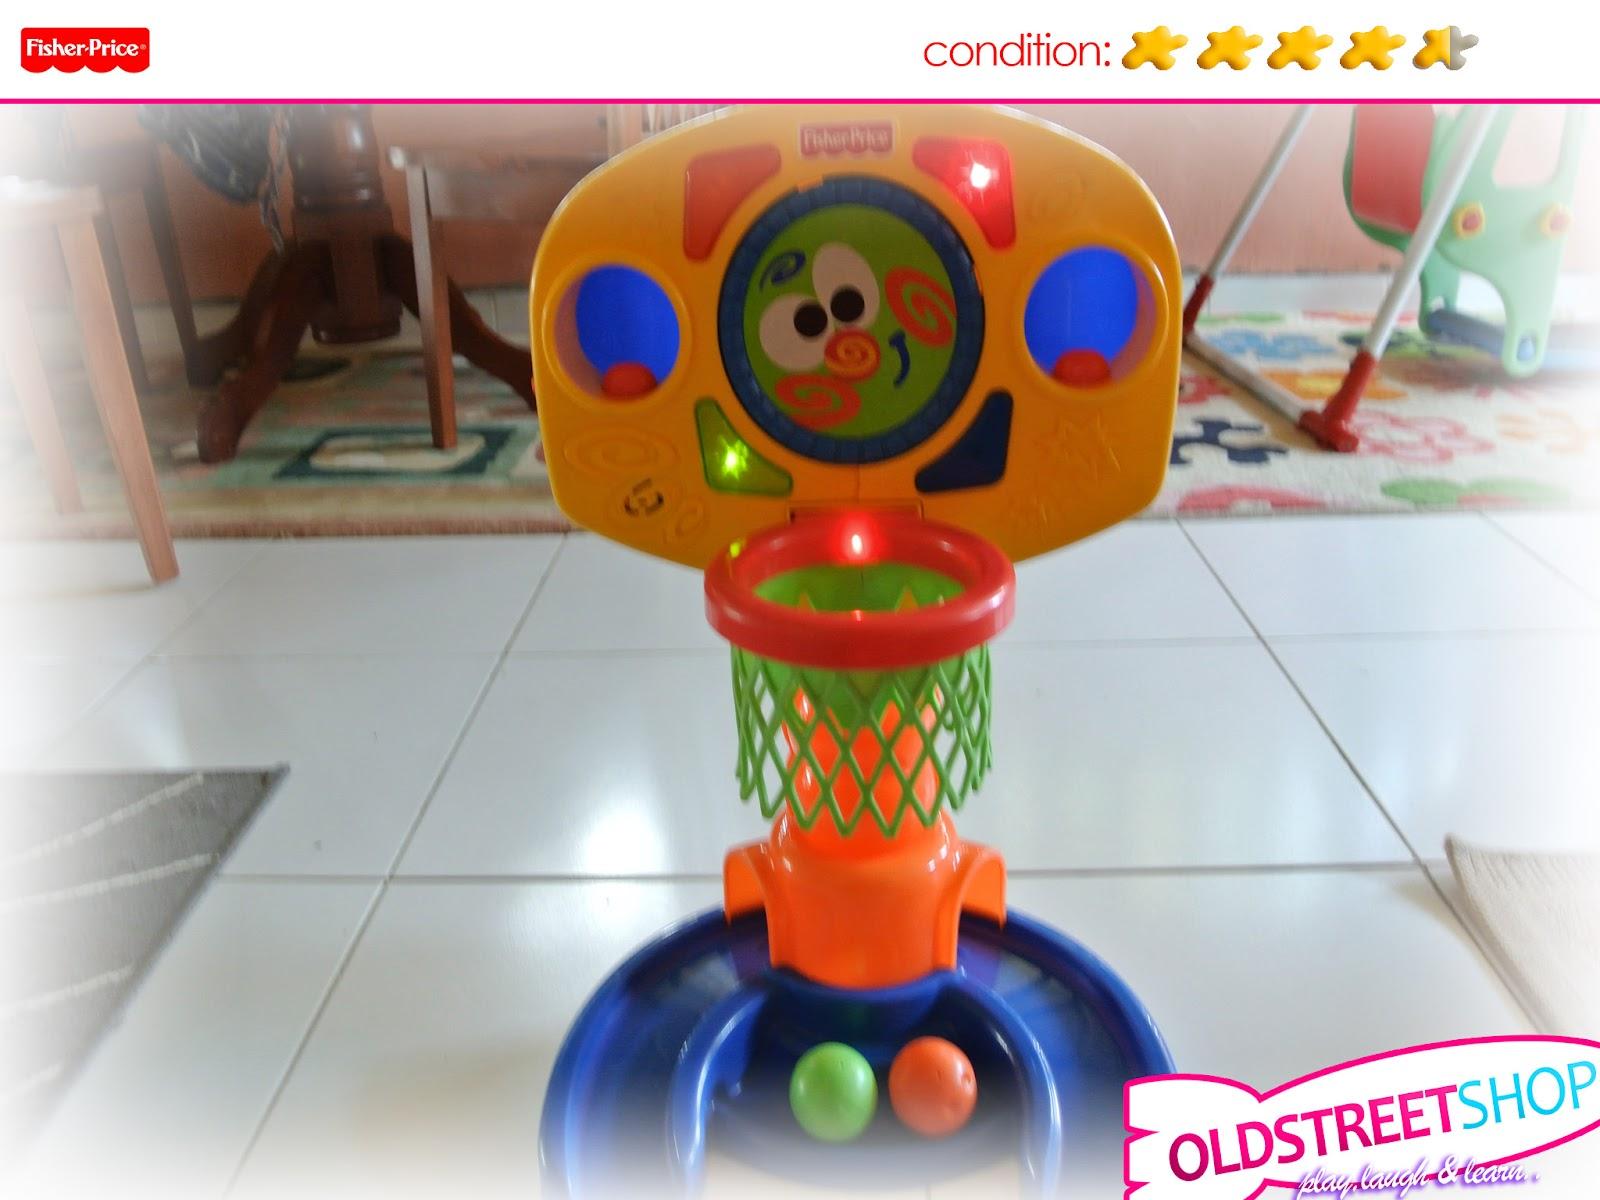 Oldstreetshop Fisher Price Basketball Hoop